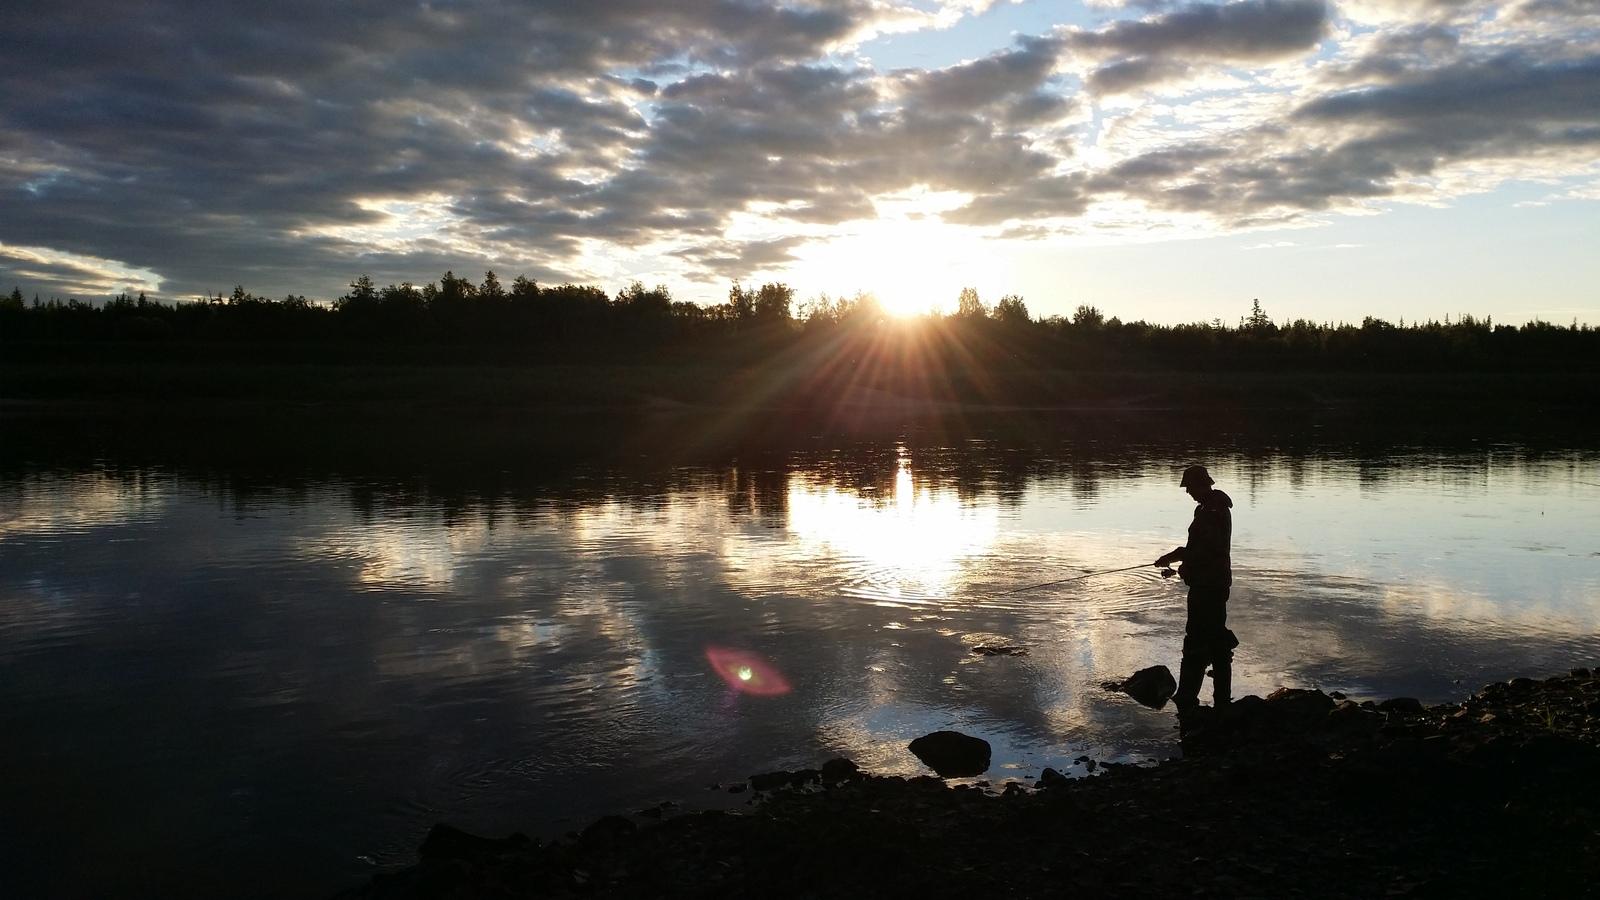 Картинки по запросу тайга сибирь угрюм река фото